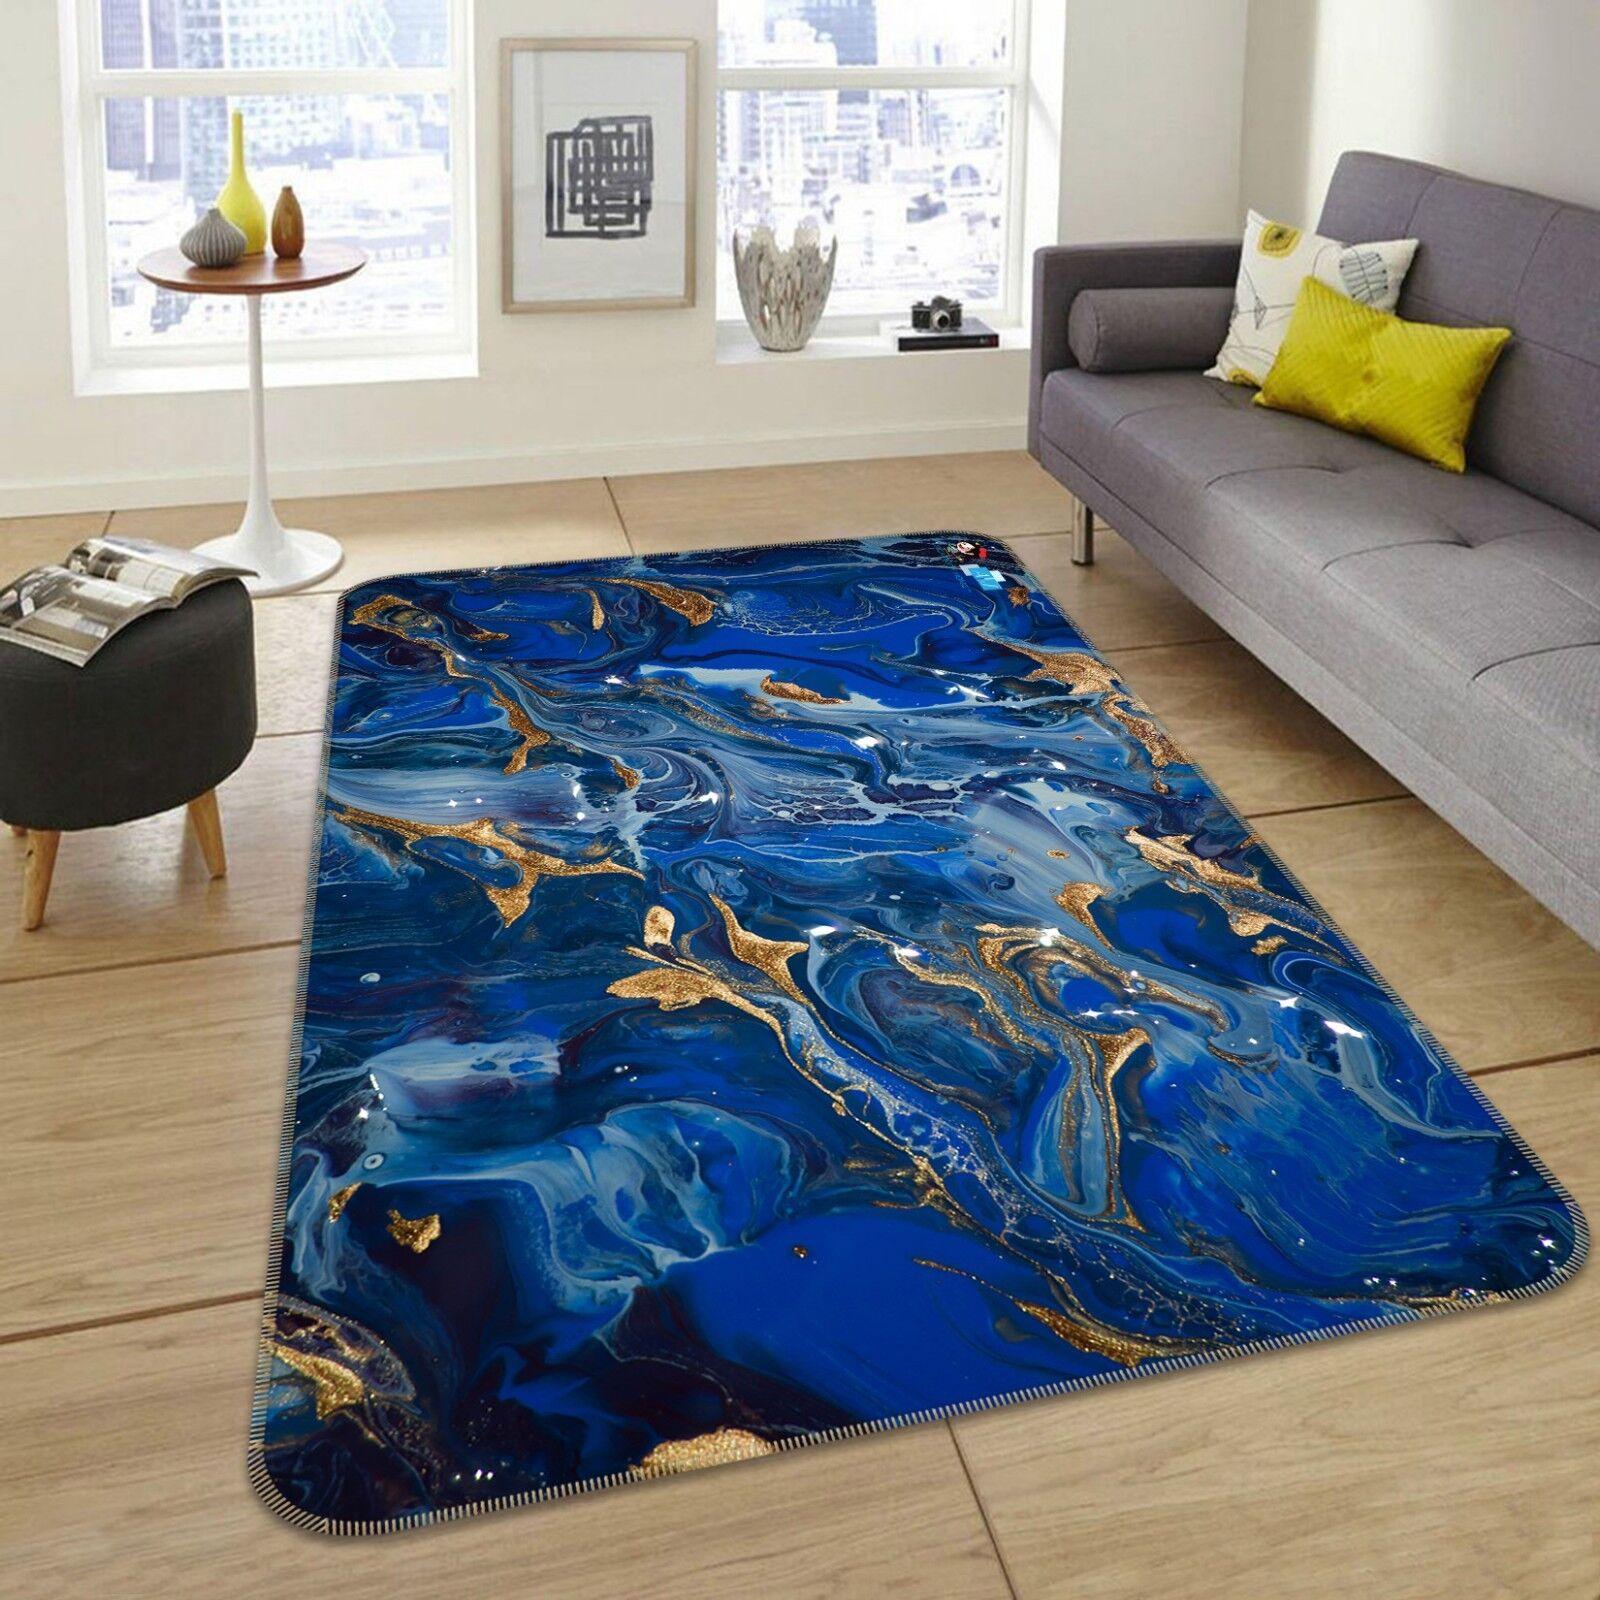 3D Abstraktes Bild 89 Rutschfest Rutschfest Rutschfest Teppich Raum Matte Qualität Elegant Teppich DE 06d8d2